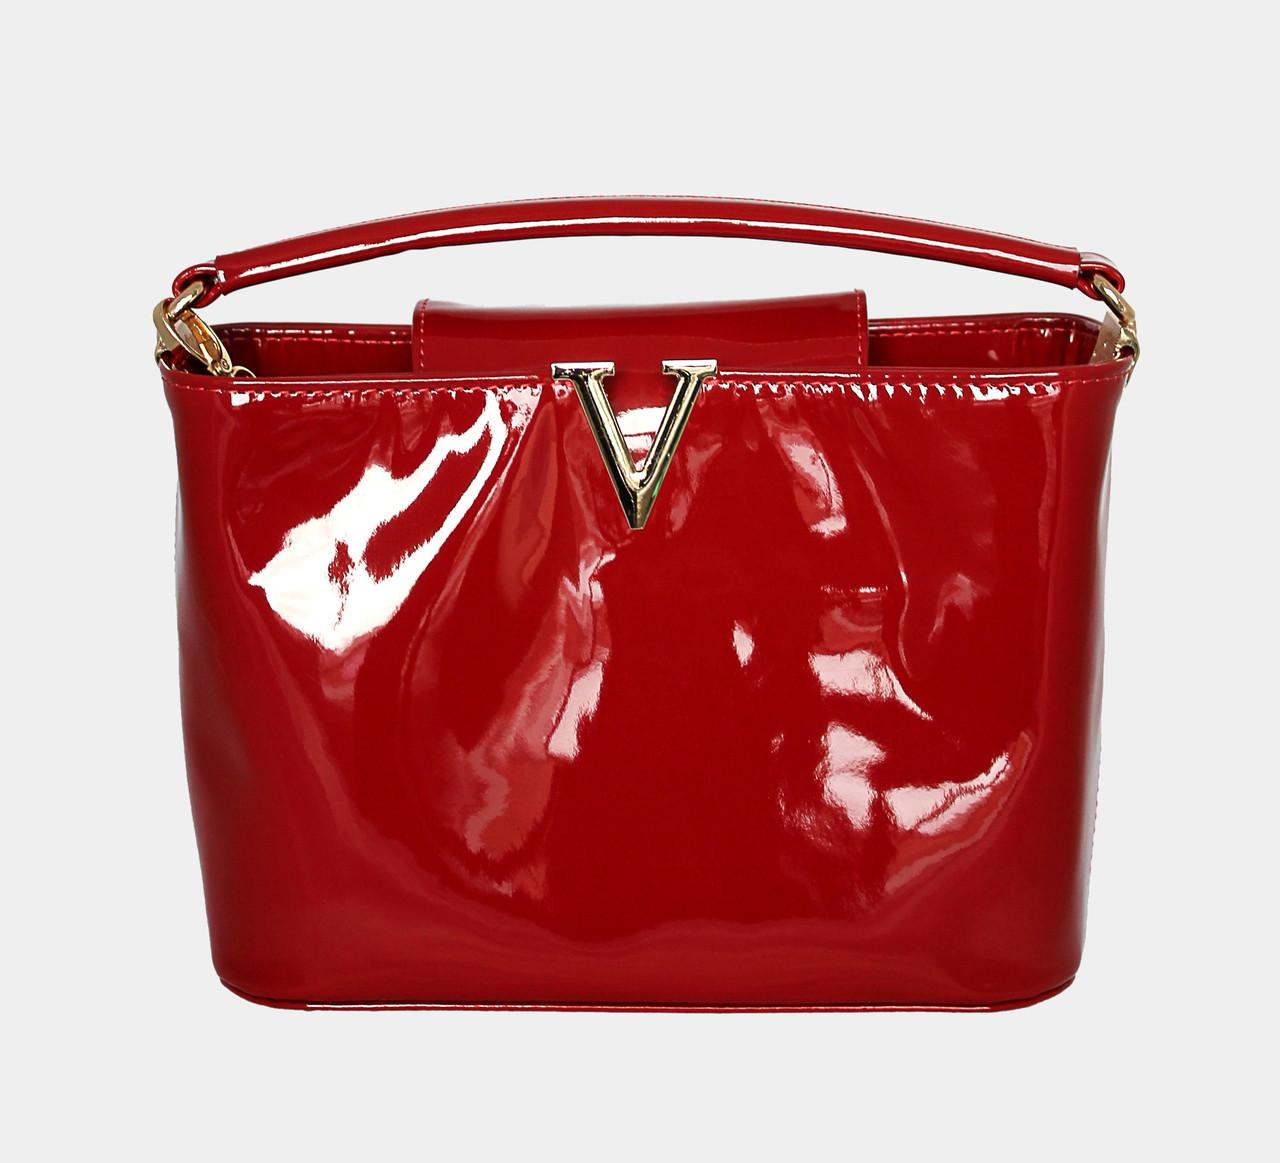 красная лаковая сумка из натуральной кожи